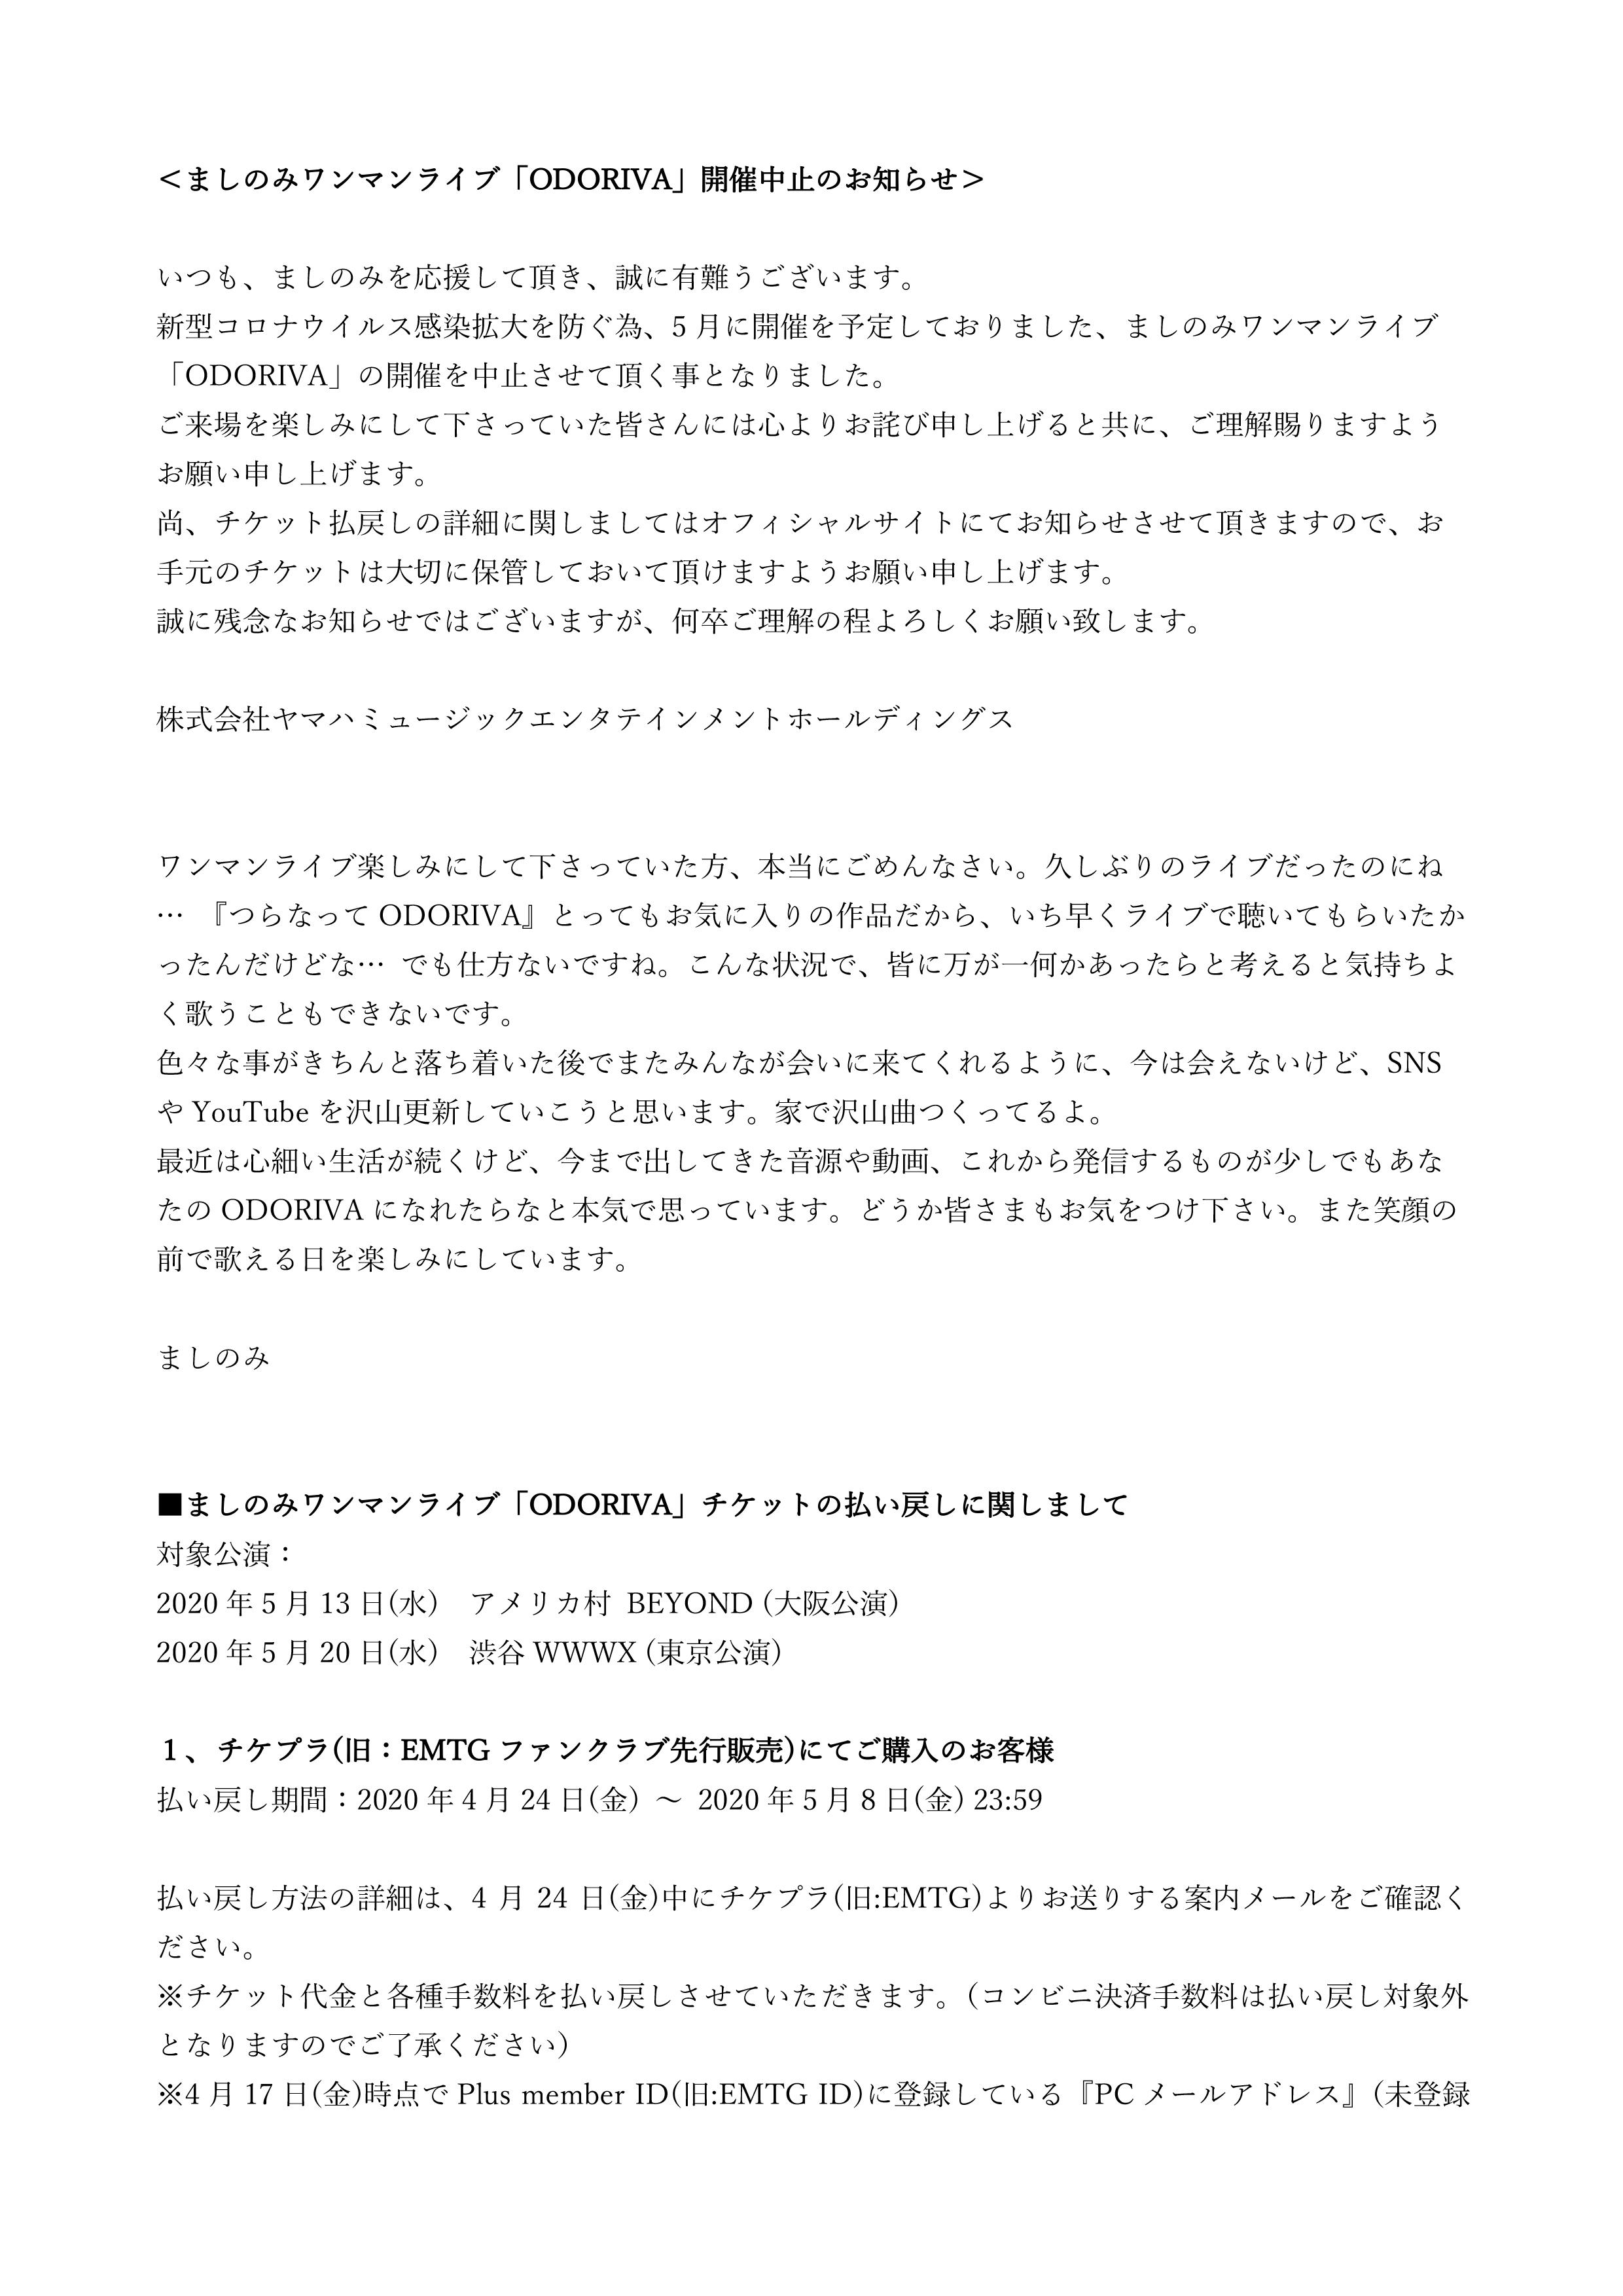 ましのみ ワンマンライブ、WIZY企画中止文言_ver16-1.jpg